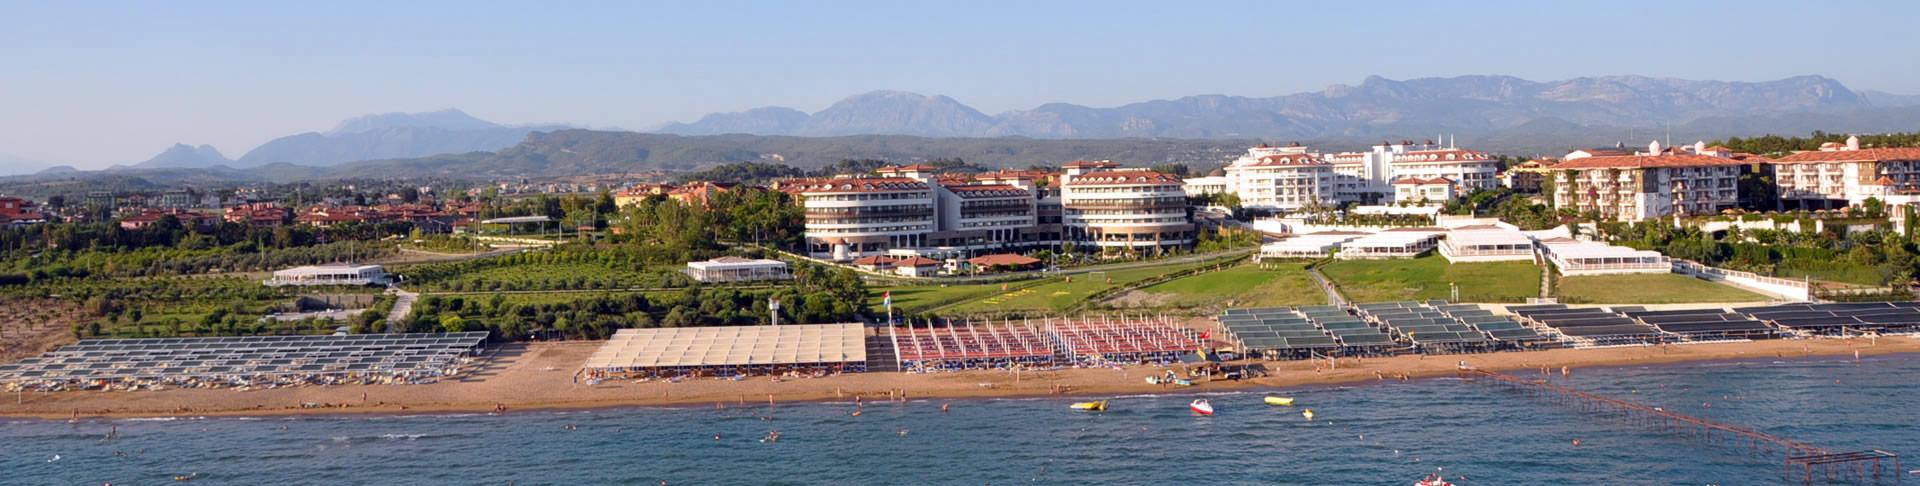 Colakli трансфер из аэропорта в аэропорт, из-за отдыха, трансфер в отель, аэропорт Анталия, отдых в турции, Турция